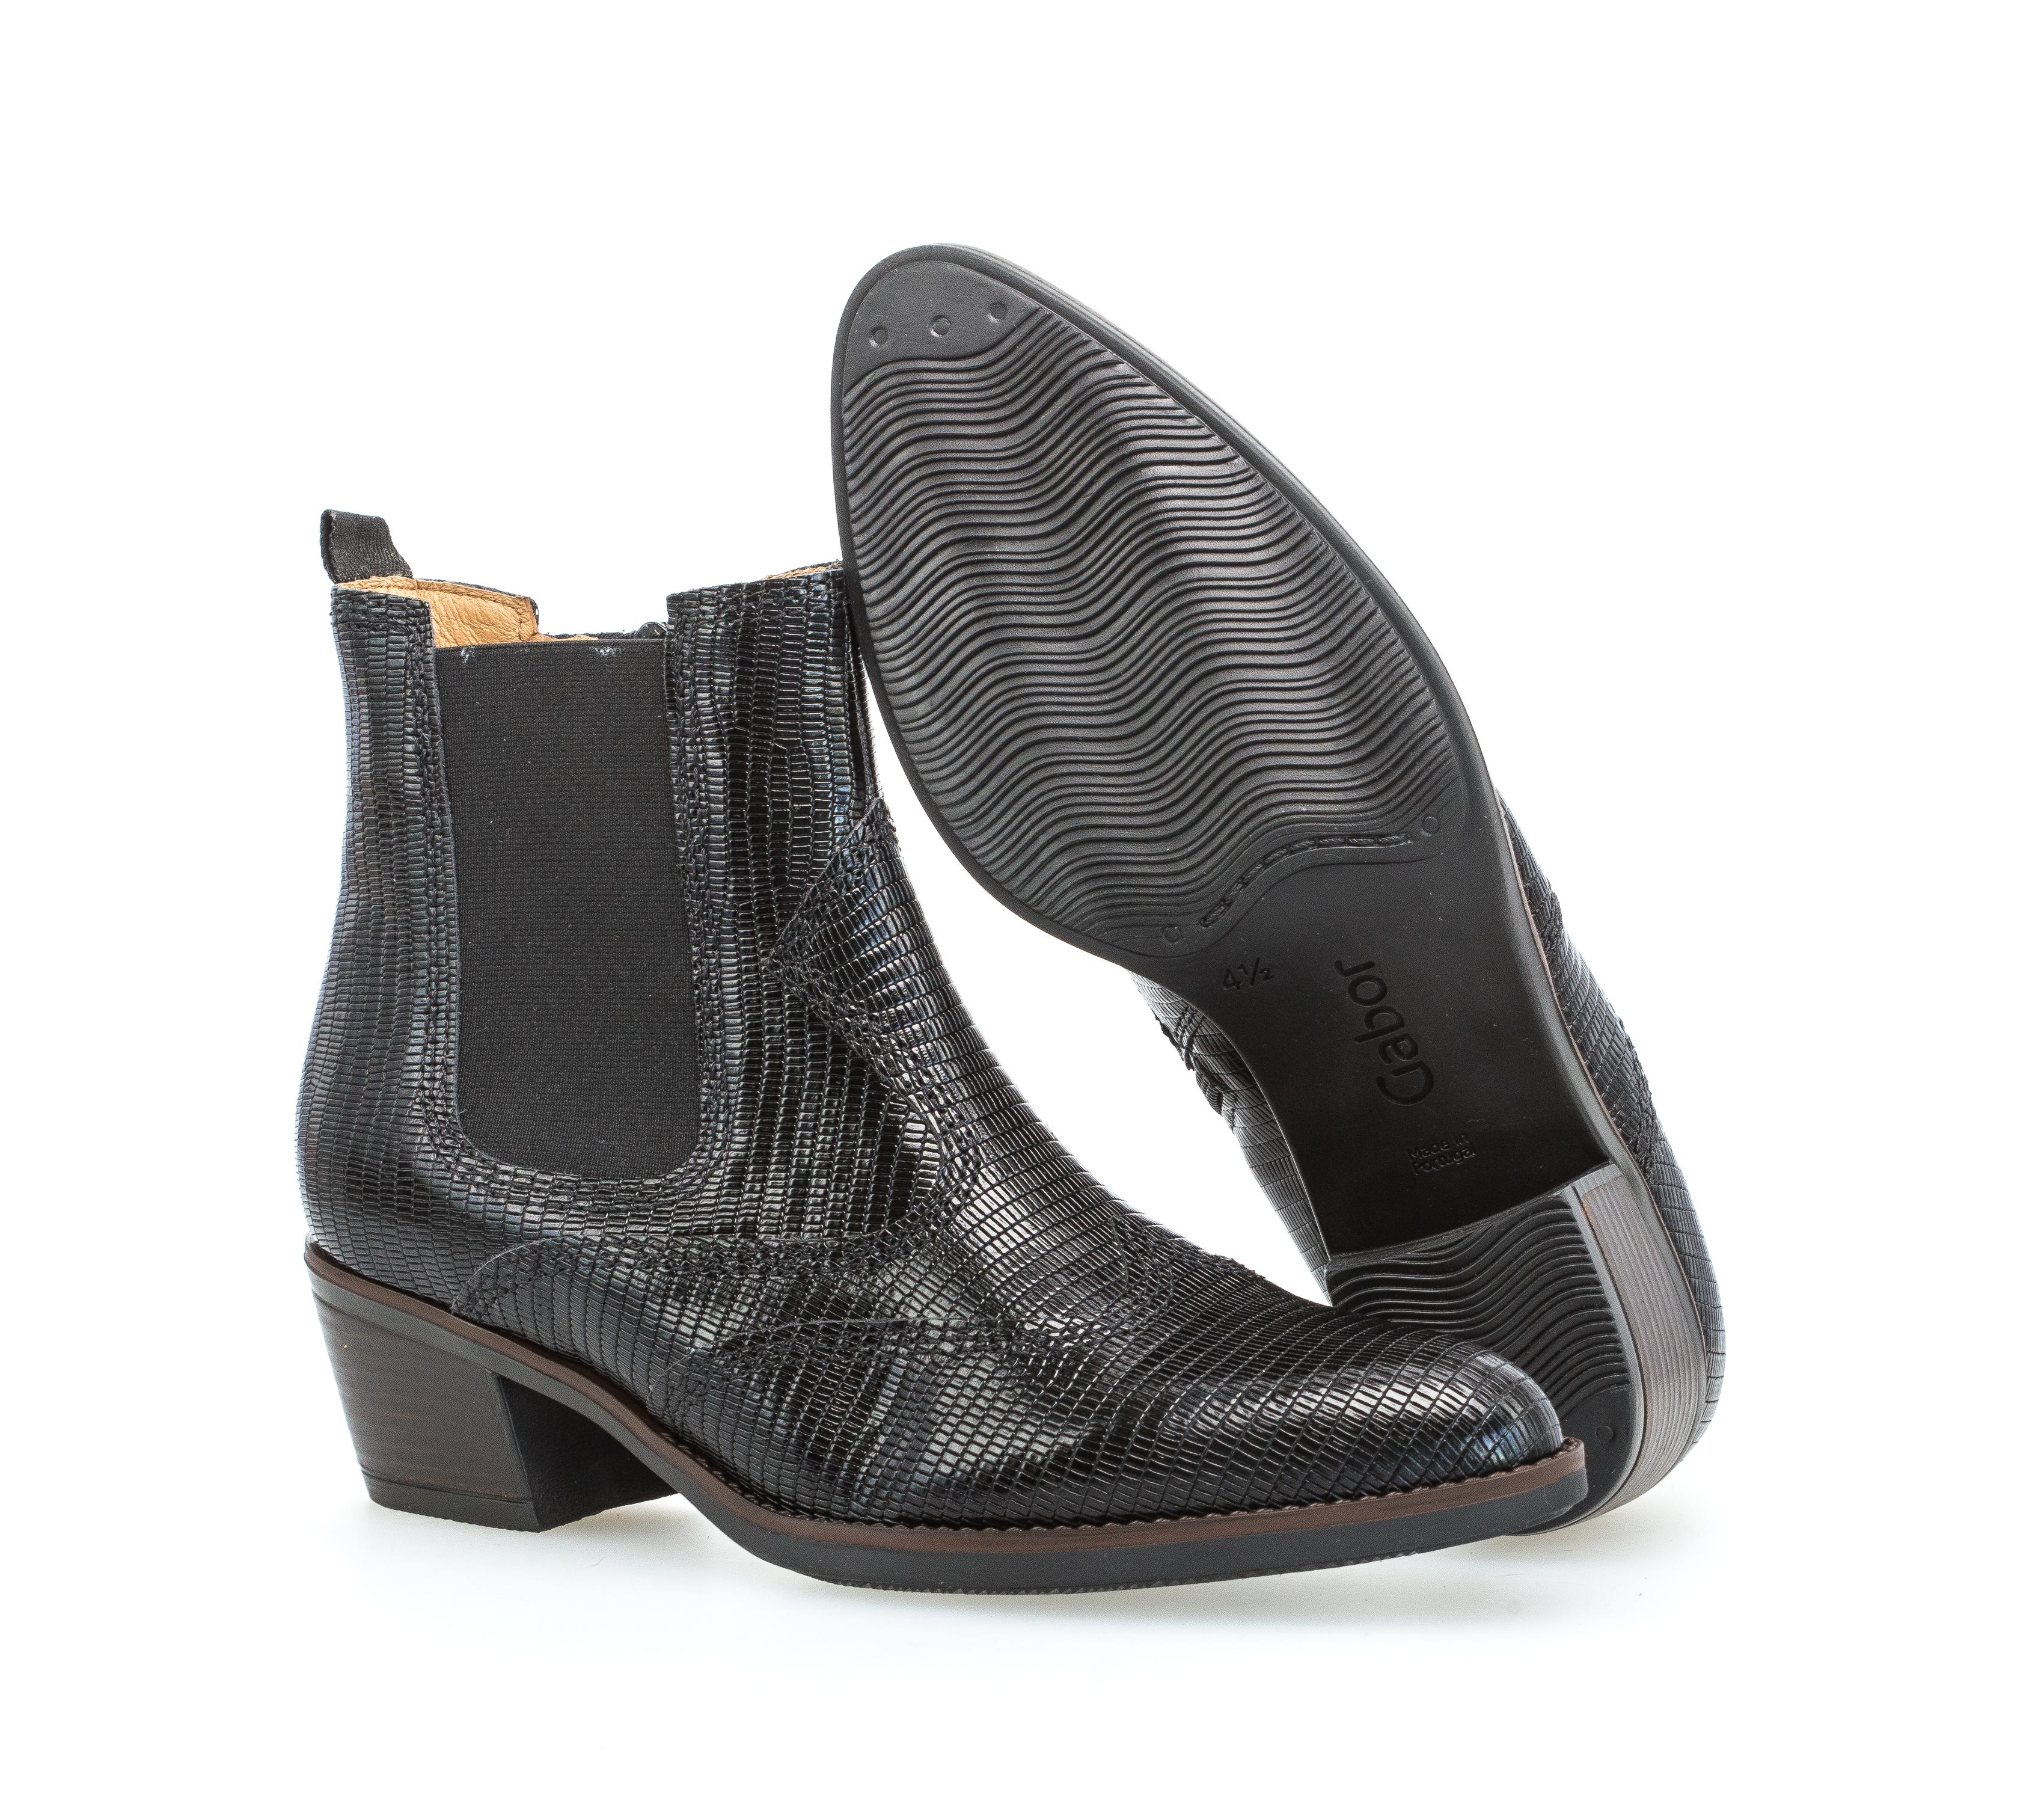 Details zu Gabor Damen Stiefelette Chelsea Boot Leder Reißverschluss schwarz Gr. 40 NEU